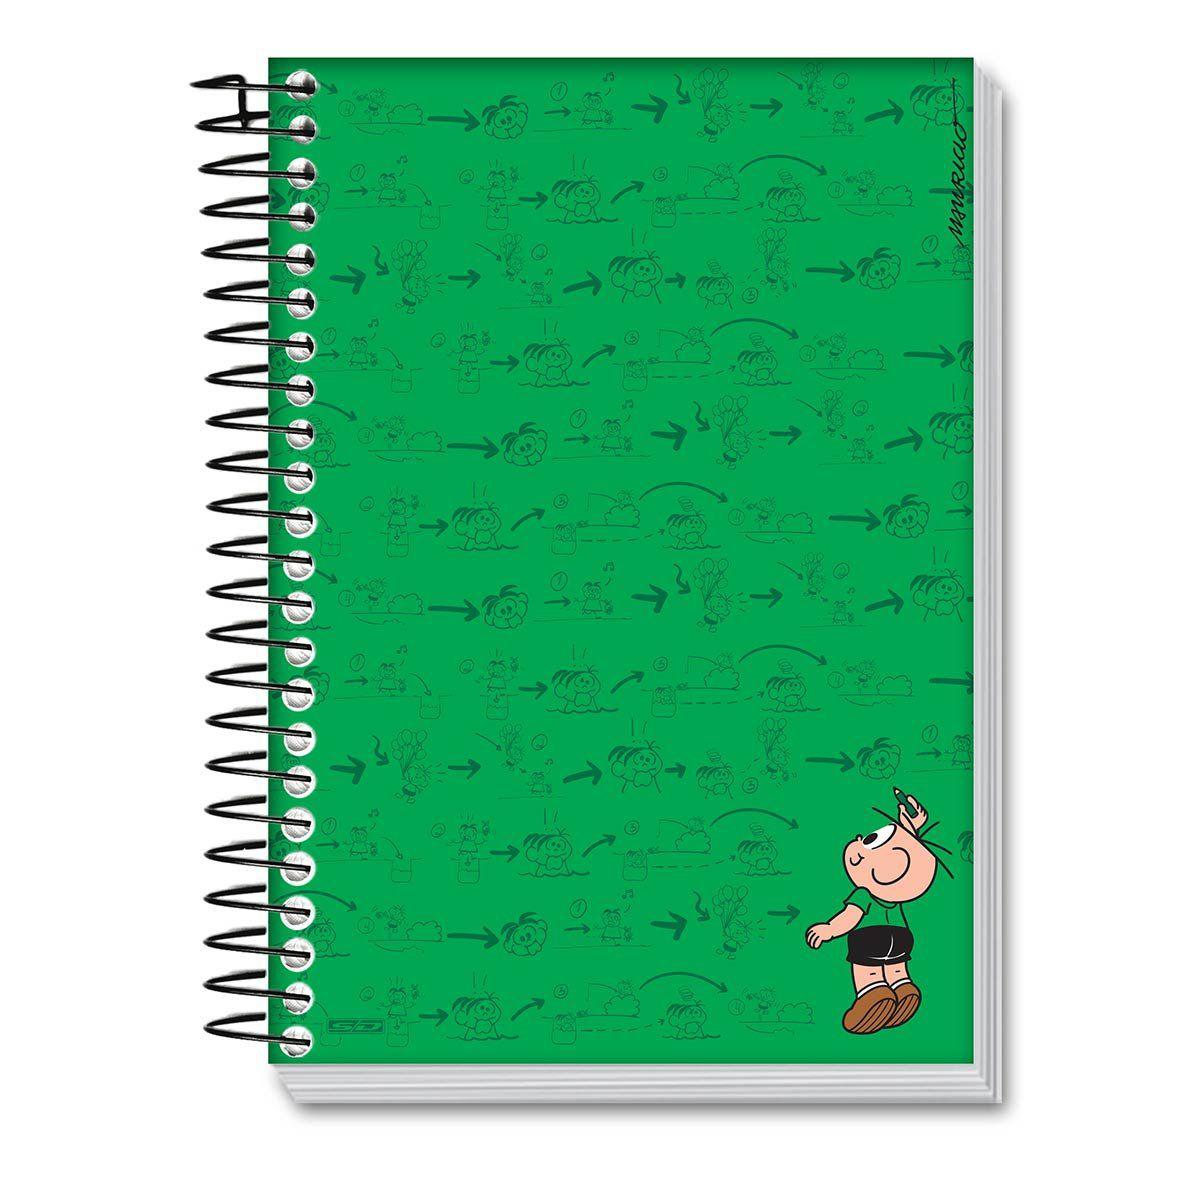 Caderno Universitário 96 Fls Turma da Mônica Cool - Plano do Cebolinha